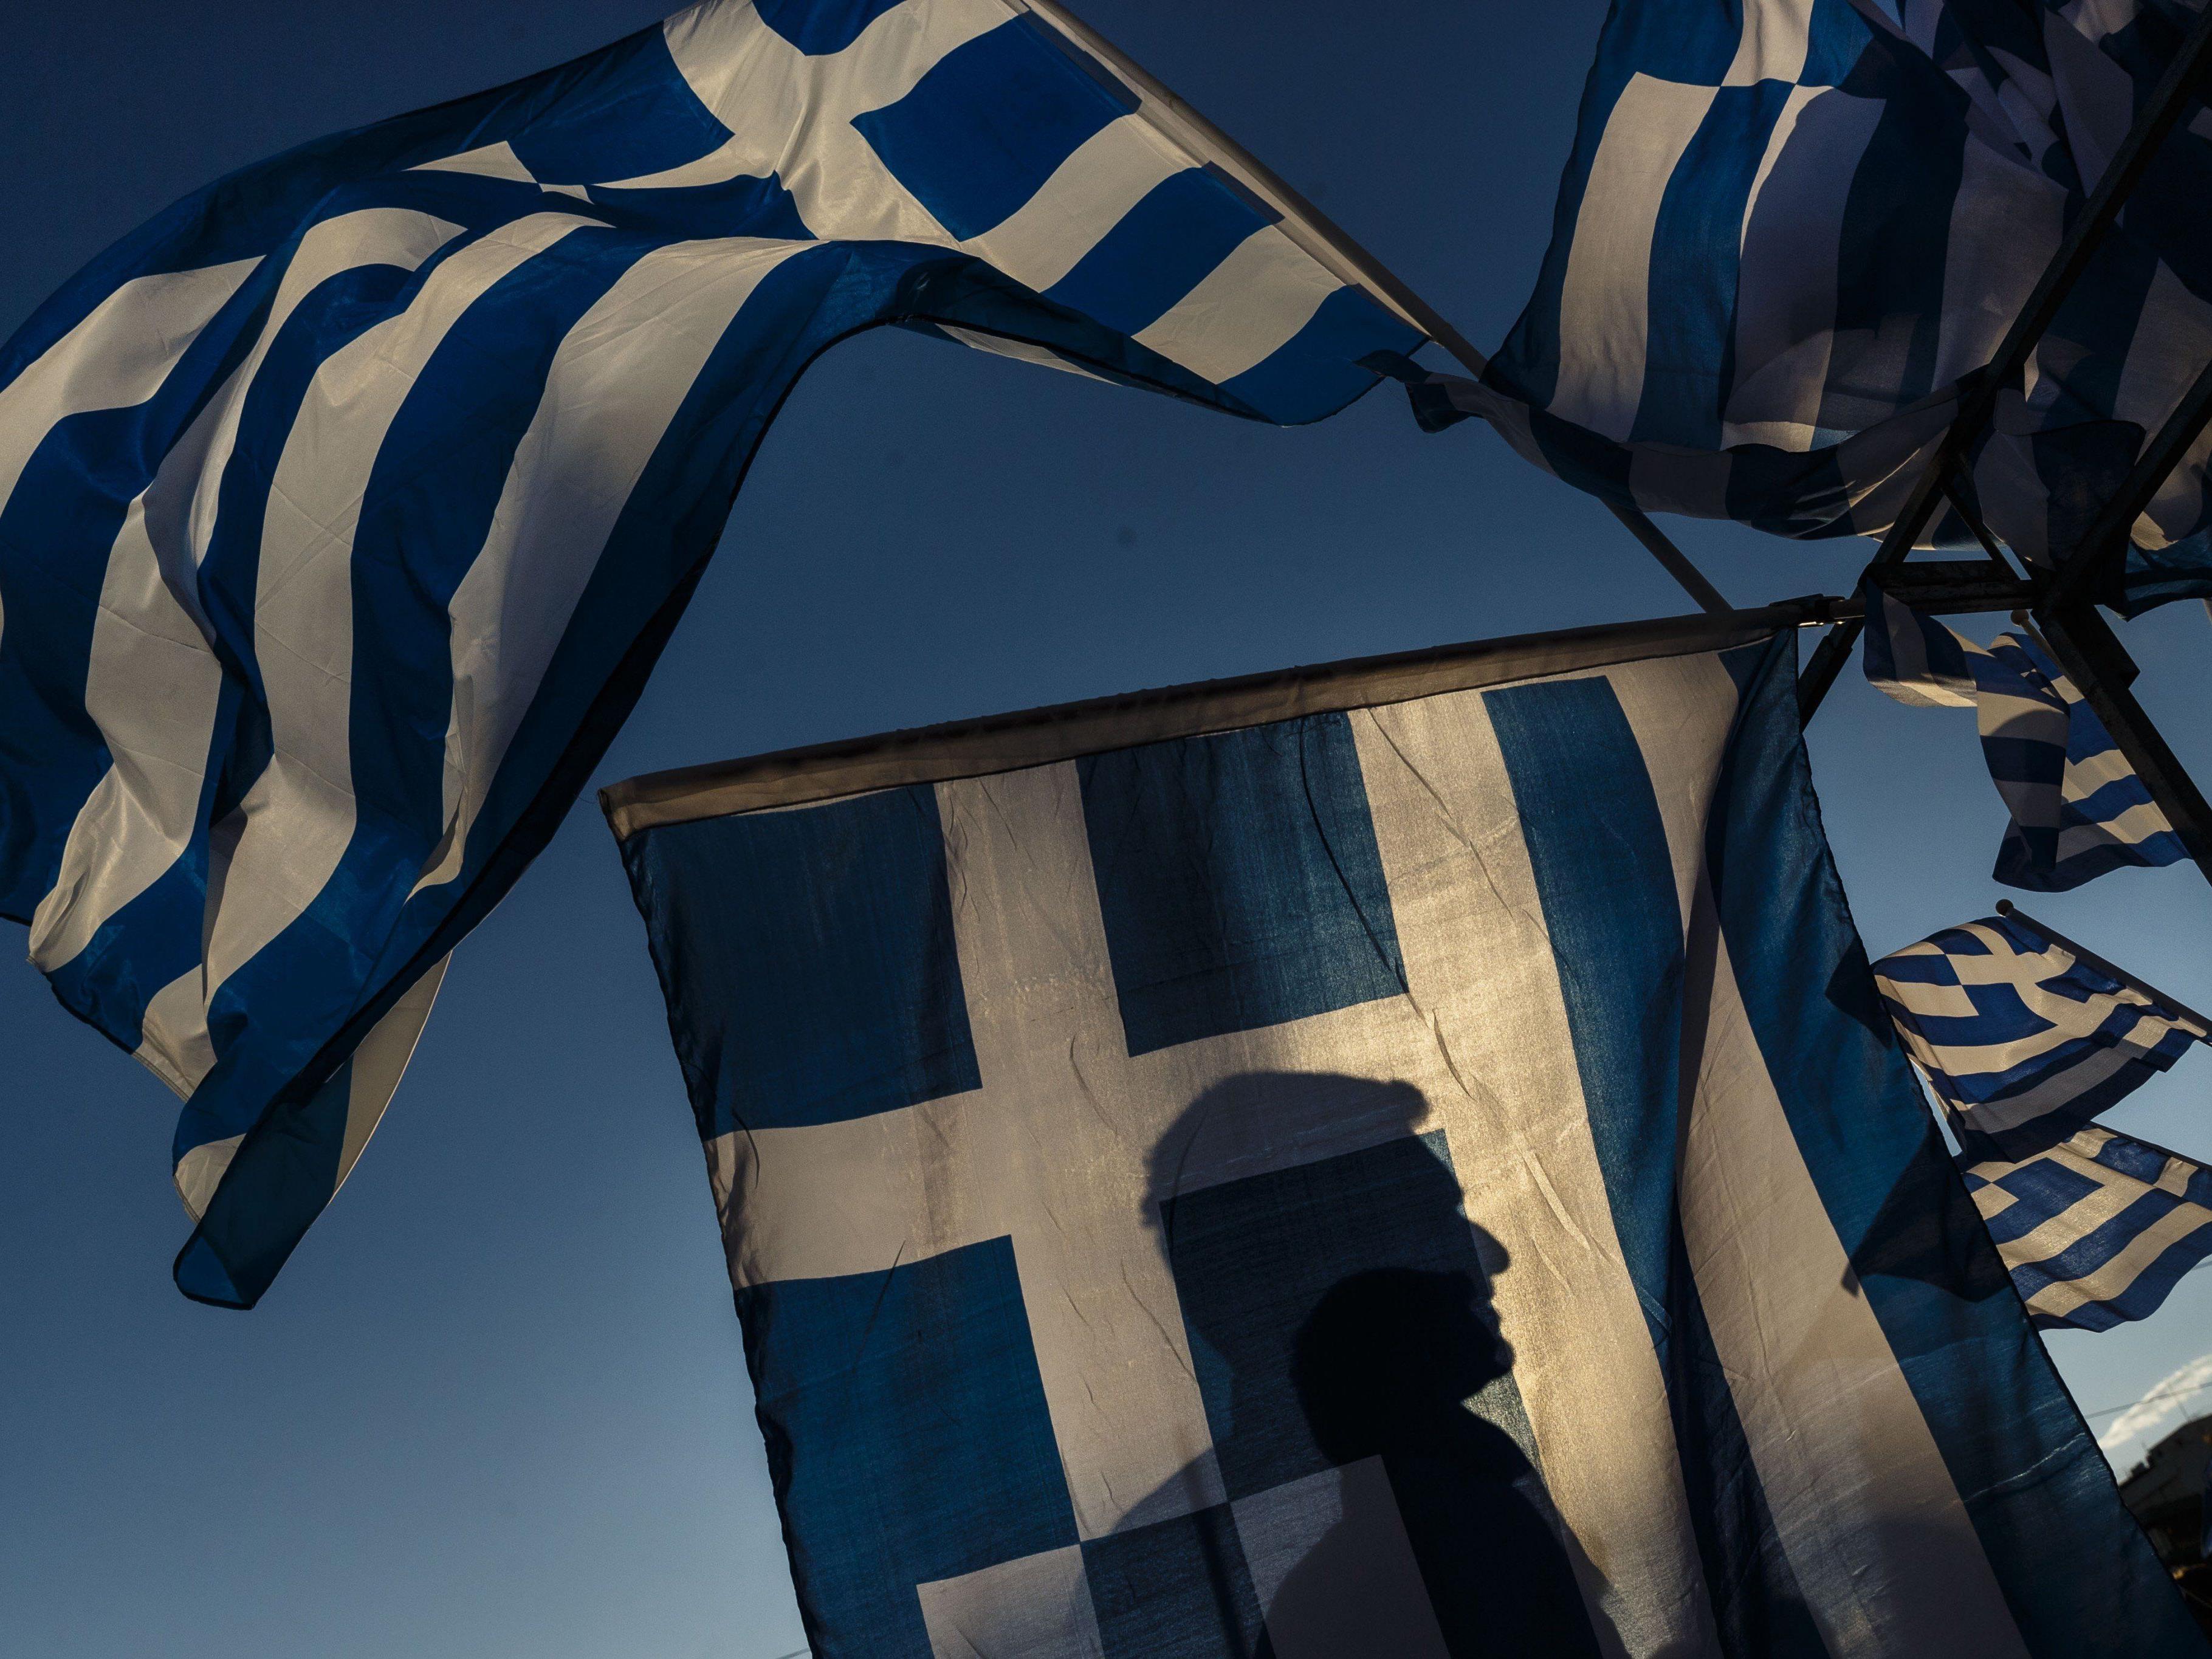 Der EU-Ausstieg Griechenlands ist noch nicht vom Tisch.